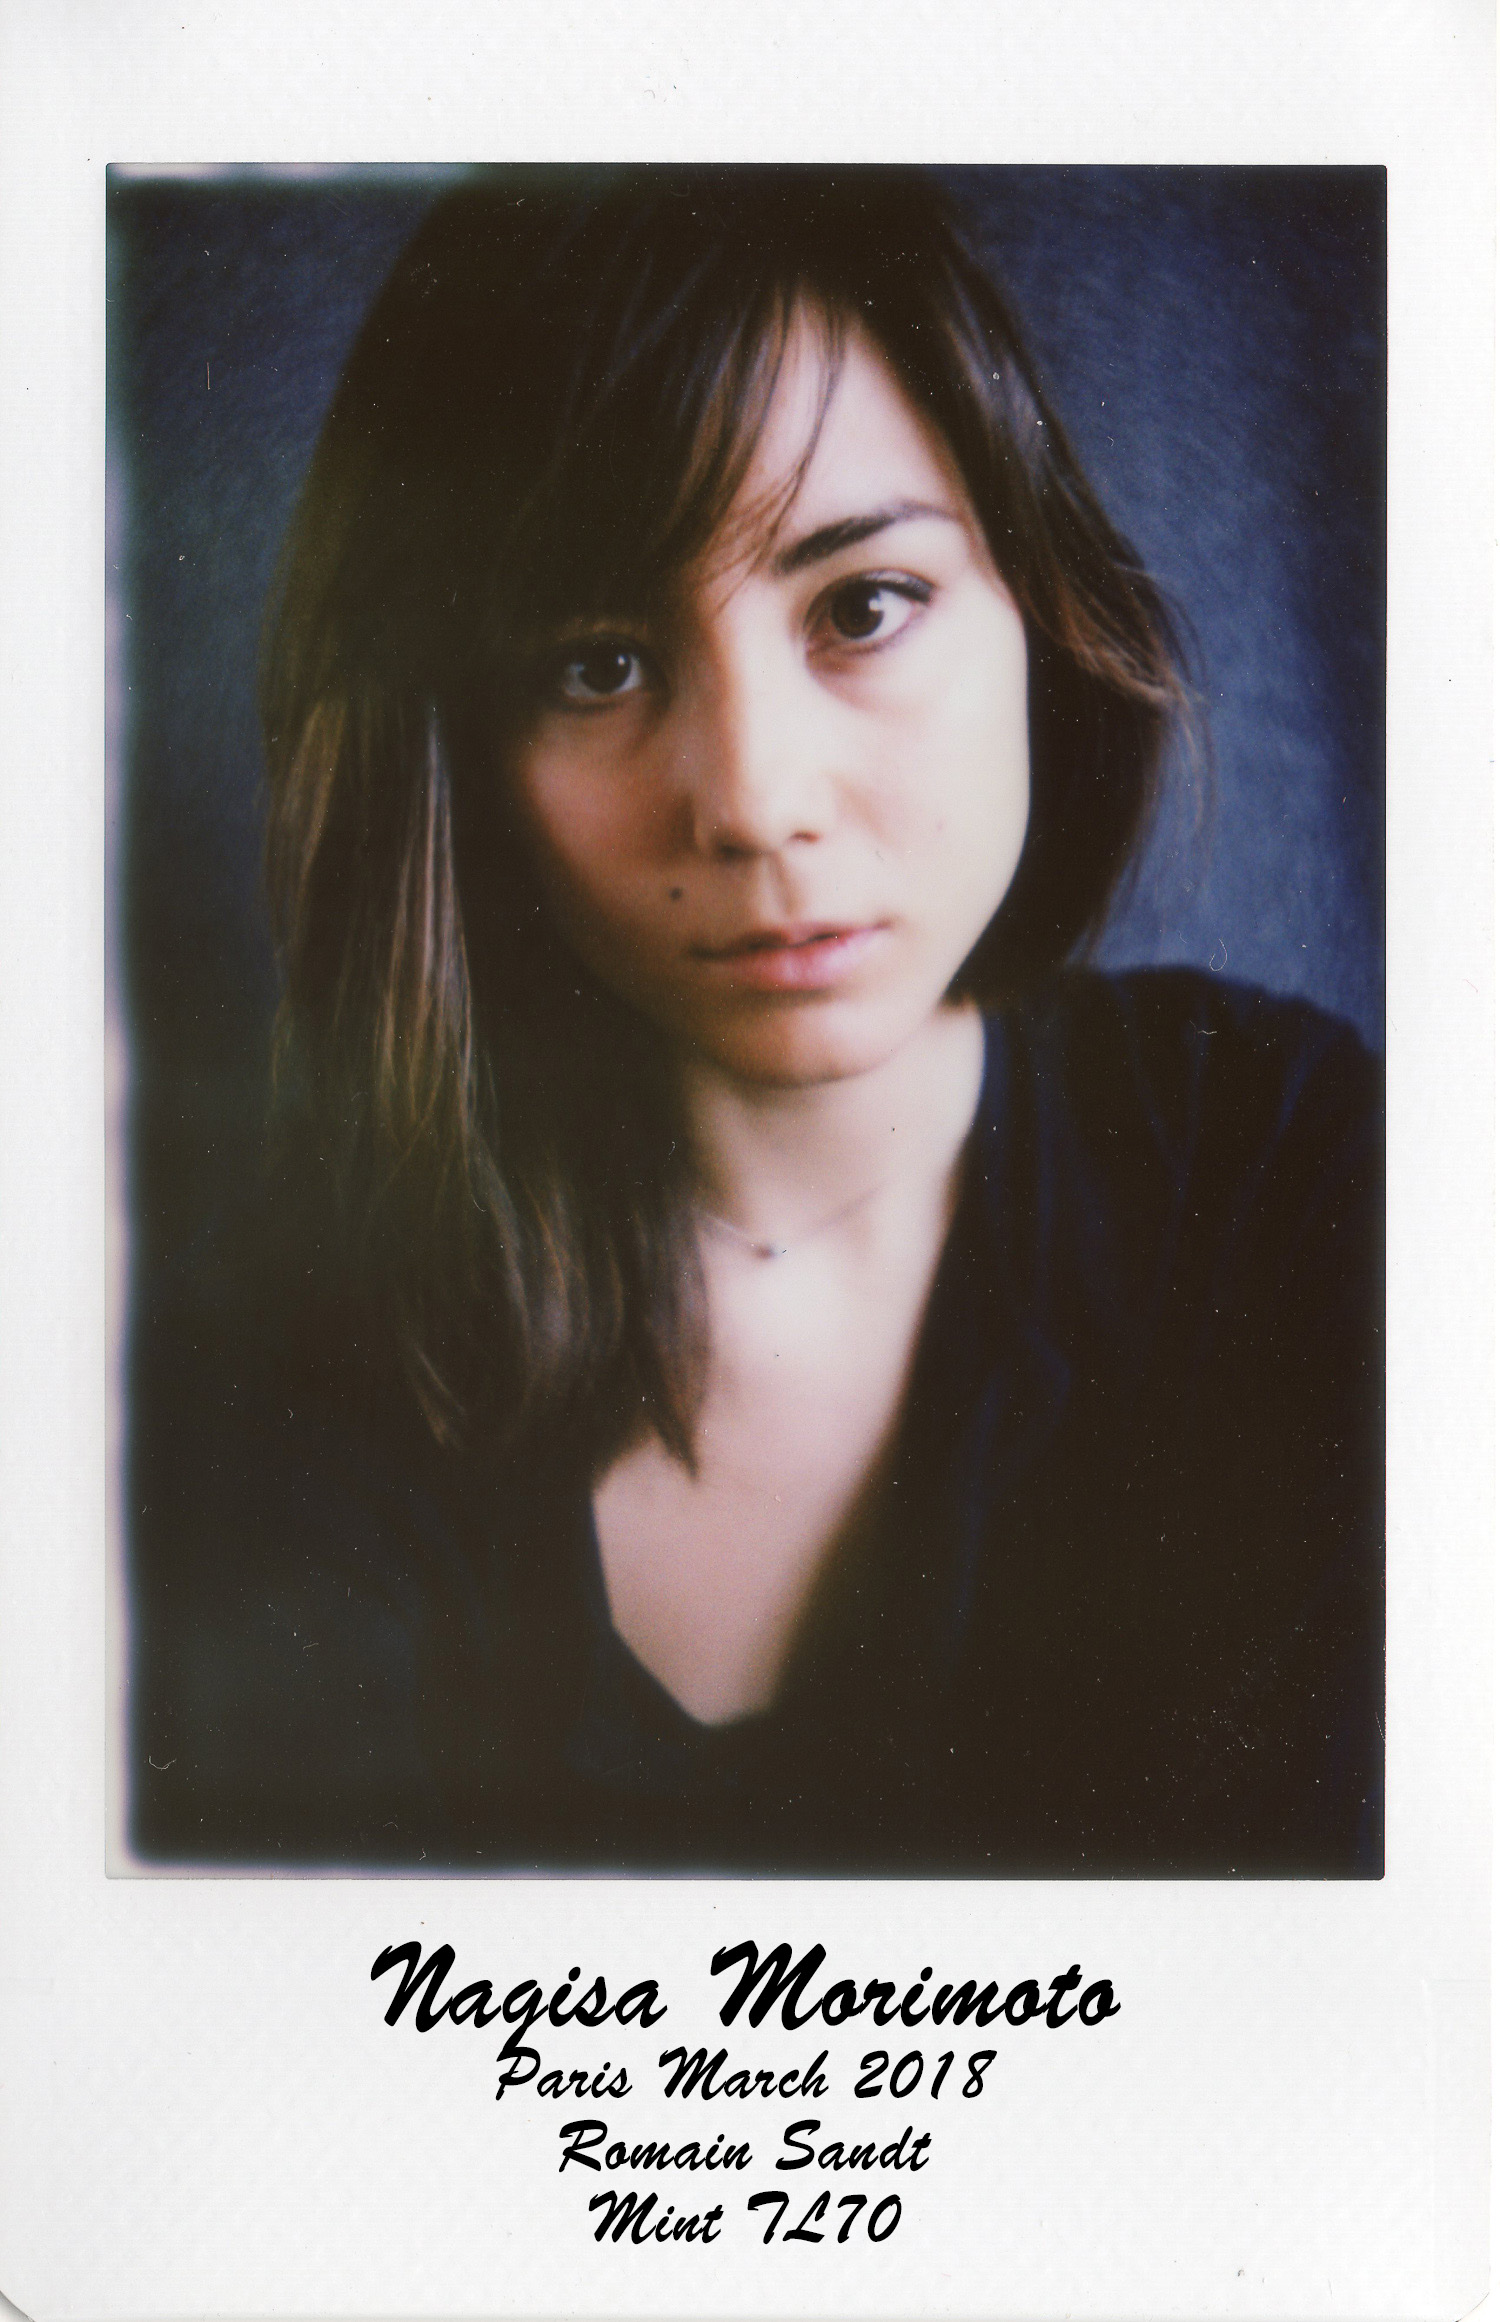 INSTAX169 Mint camera TL70  Nagisa Morimoto - Romain Sandt